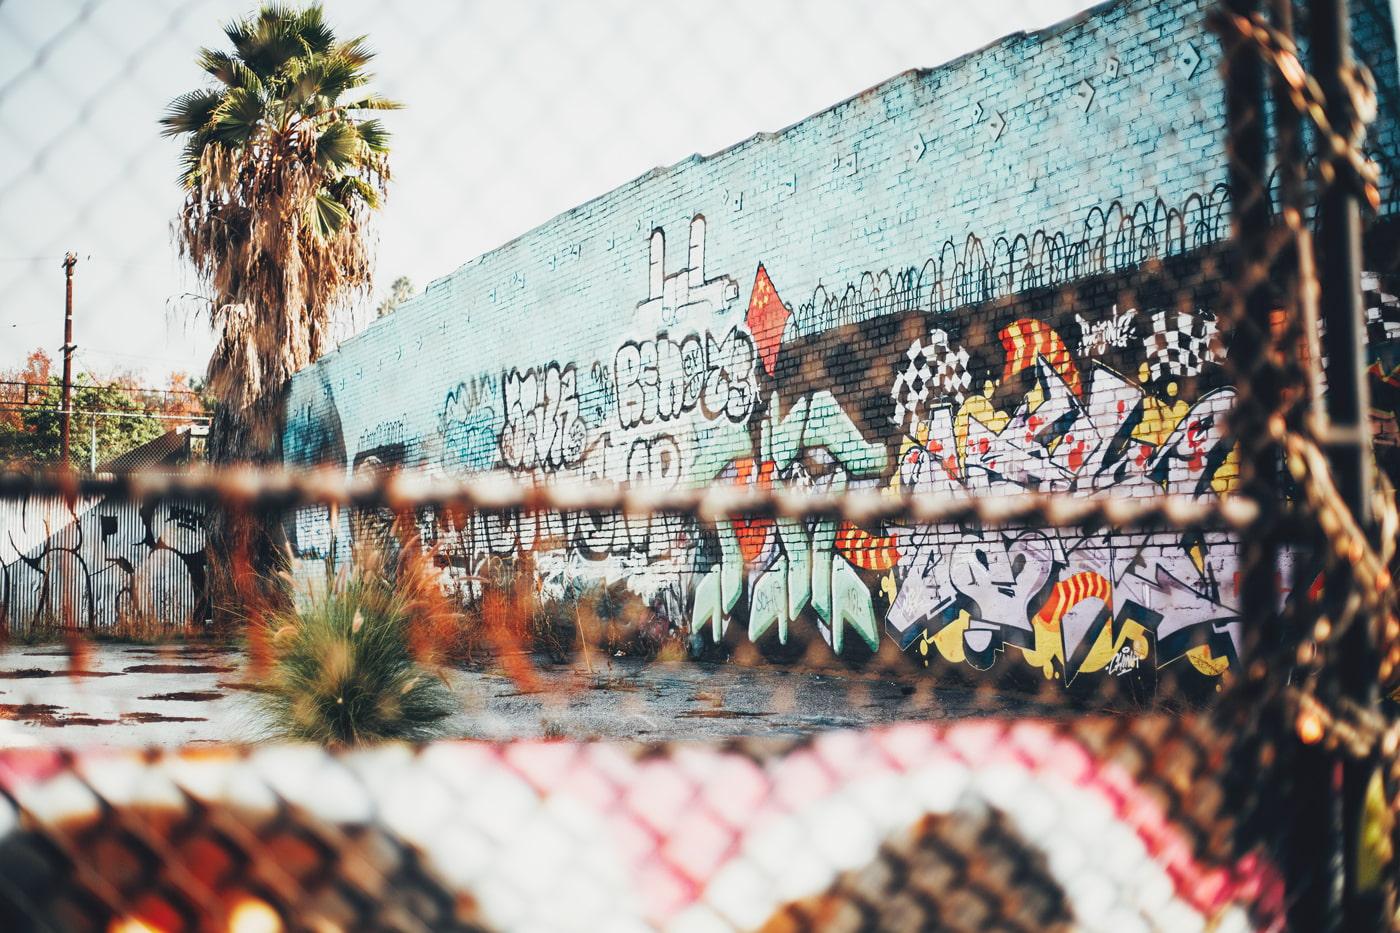 Mural in Los Angeles